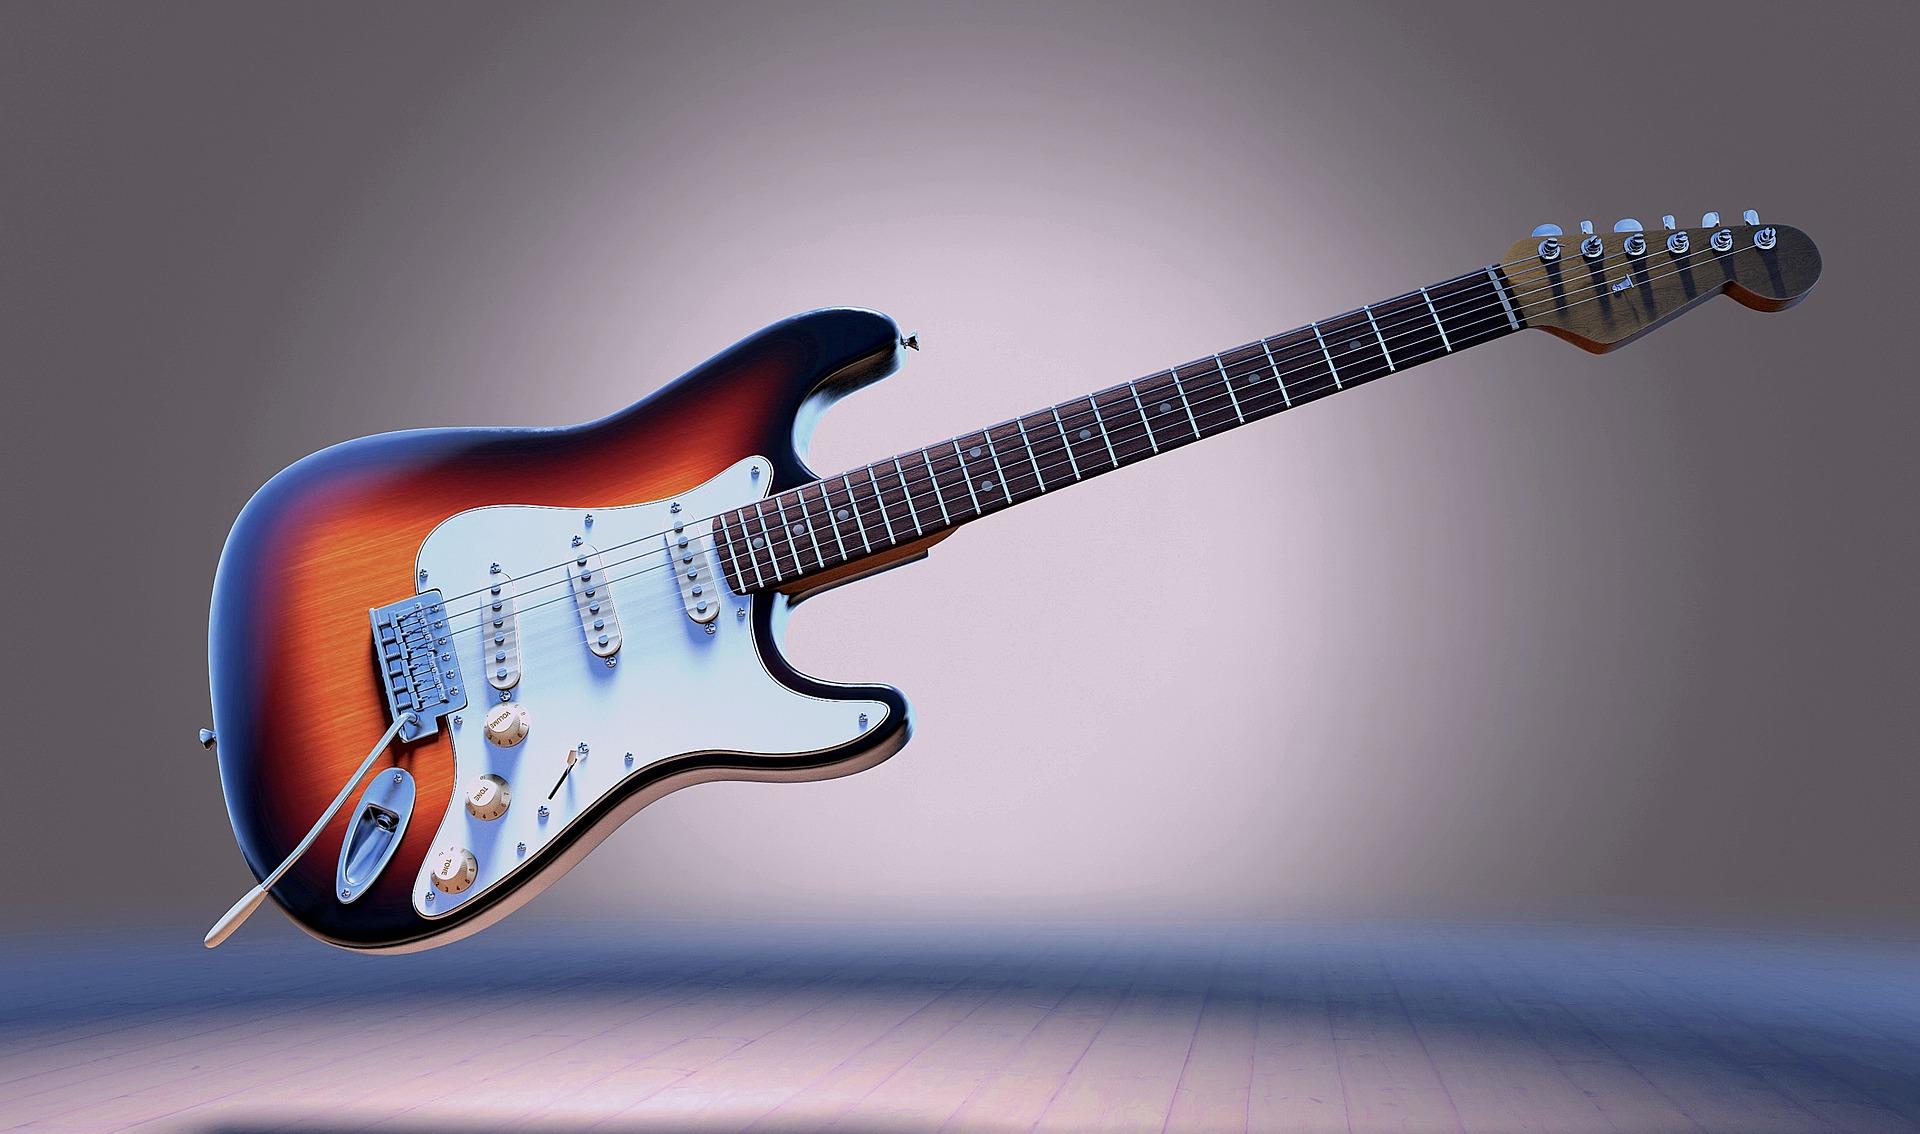 guitar-2925274_1920 (3)